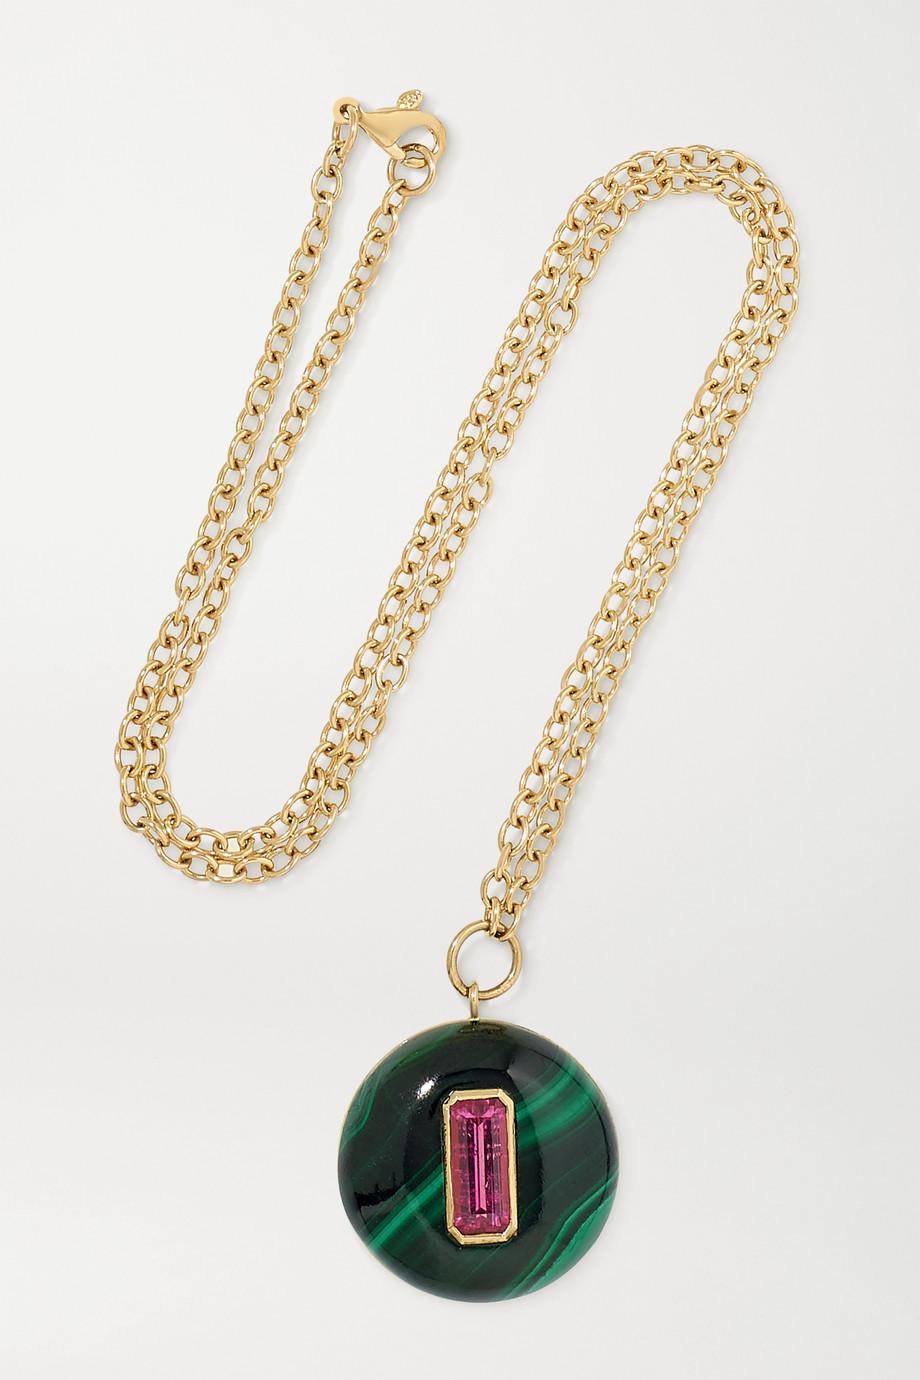 Retrouvaí Lollipop 14-karat gold, malachite and tourmaline necklace